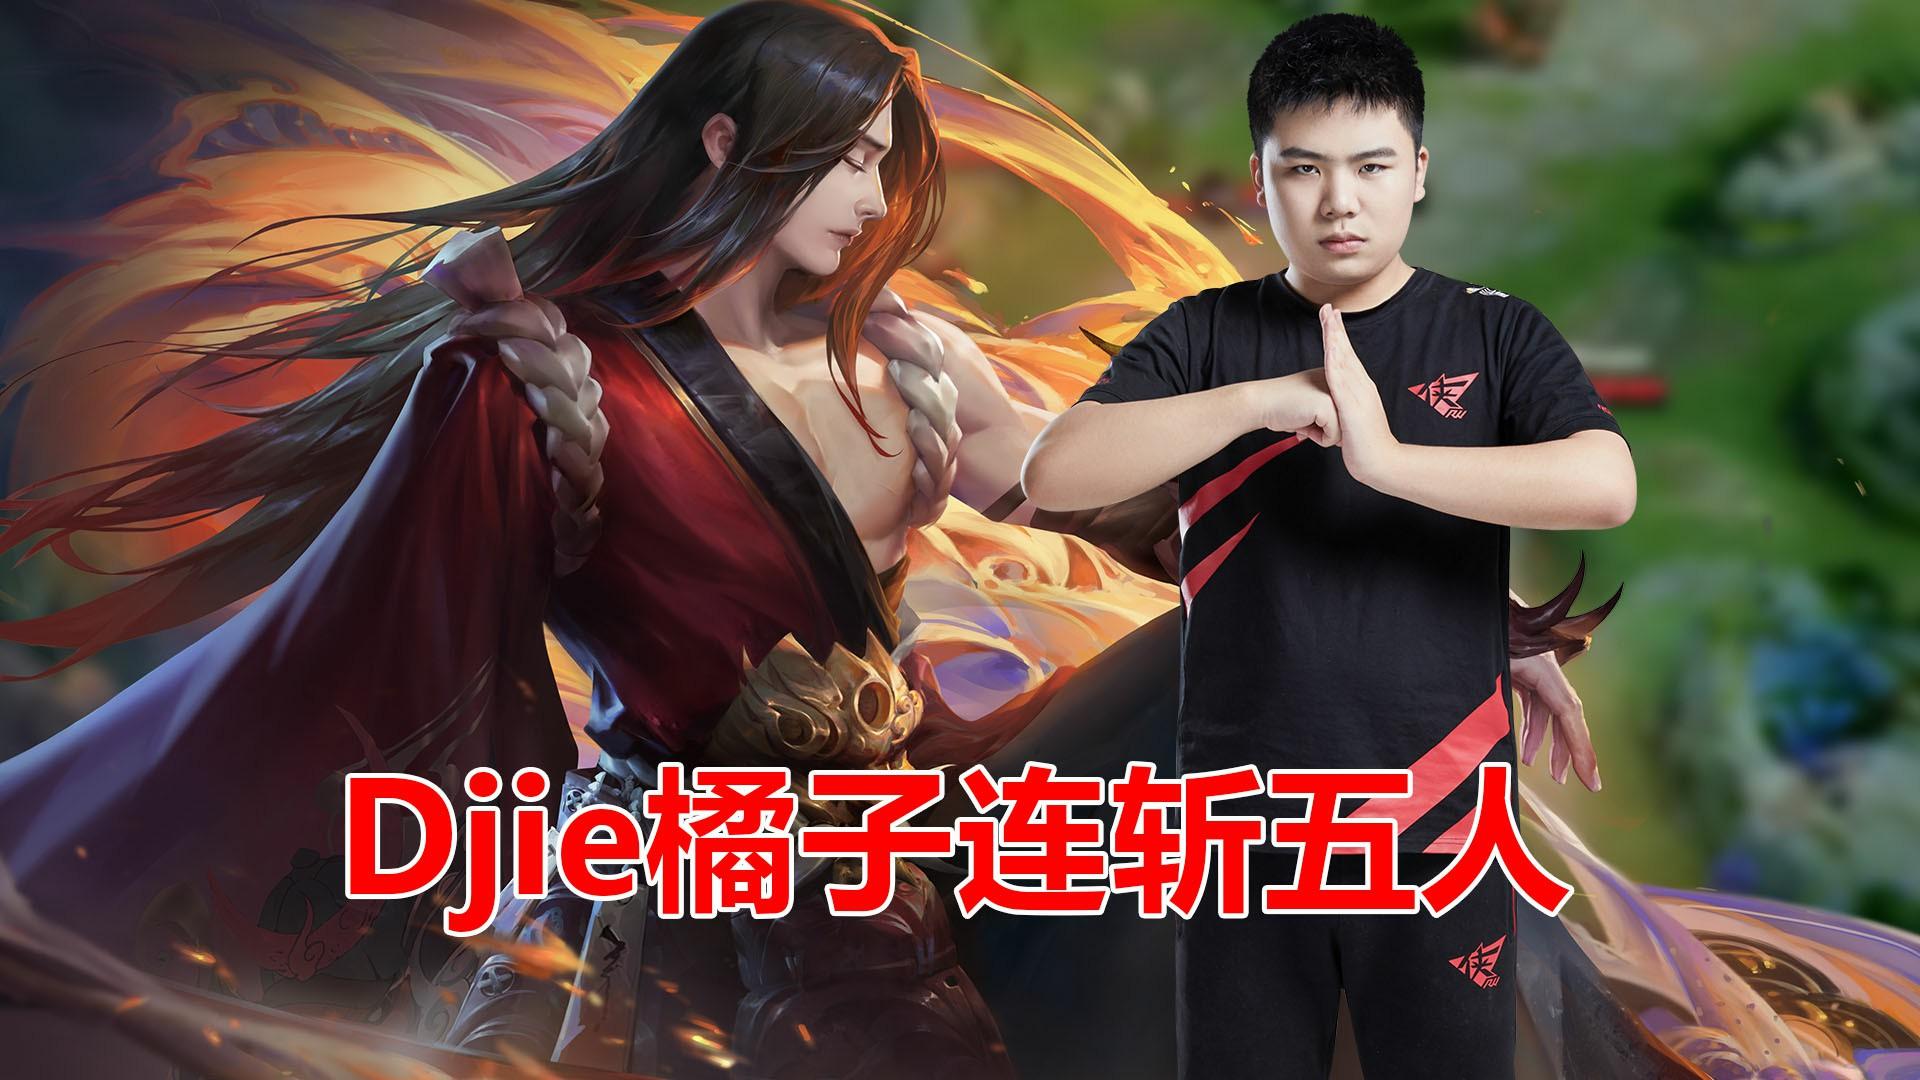 《嘴强TOP10赛事篇》8:RW侠Djie橘子连斩五人!